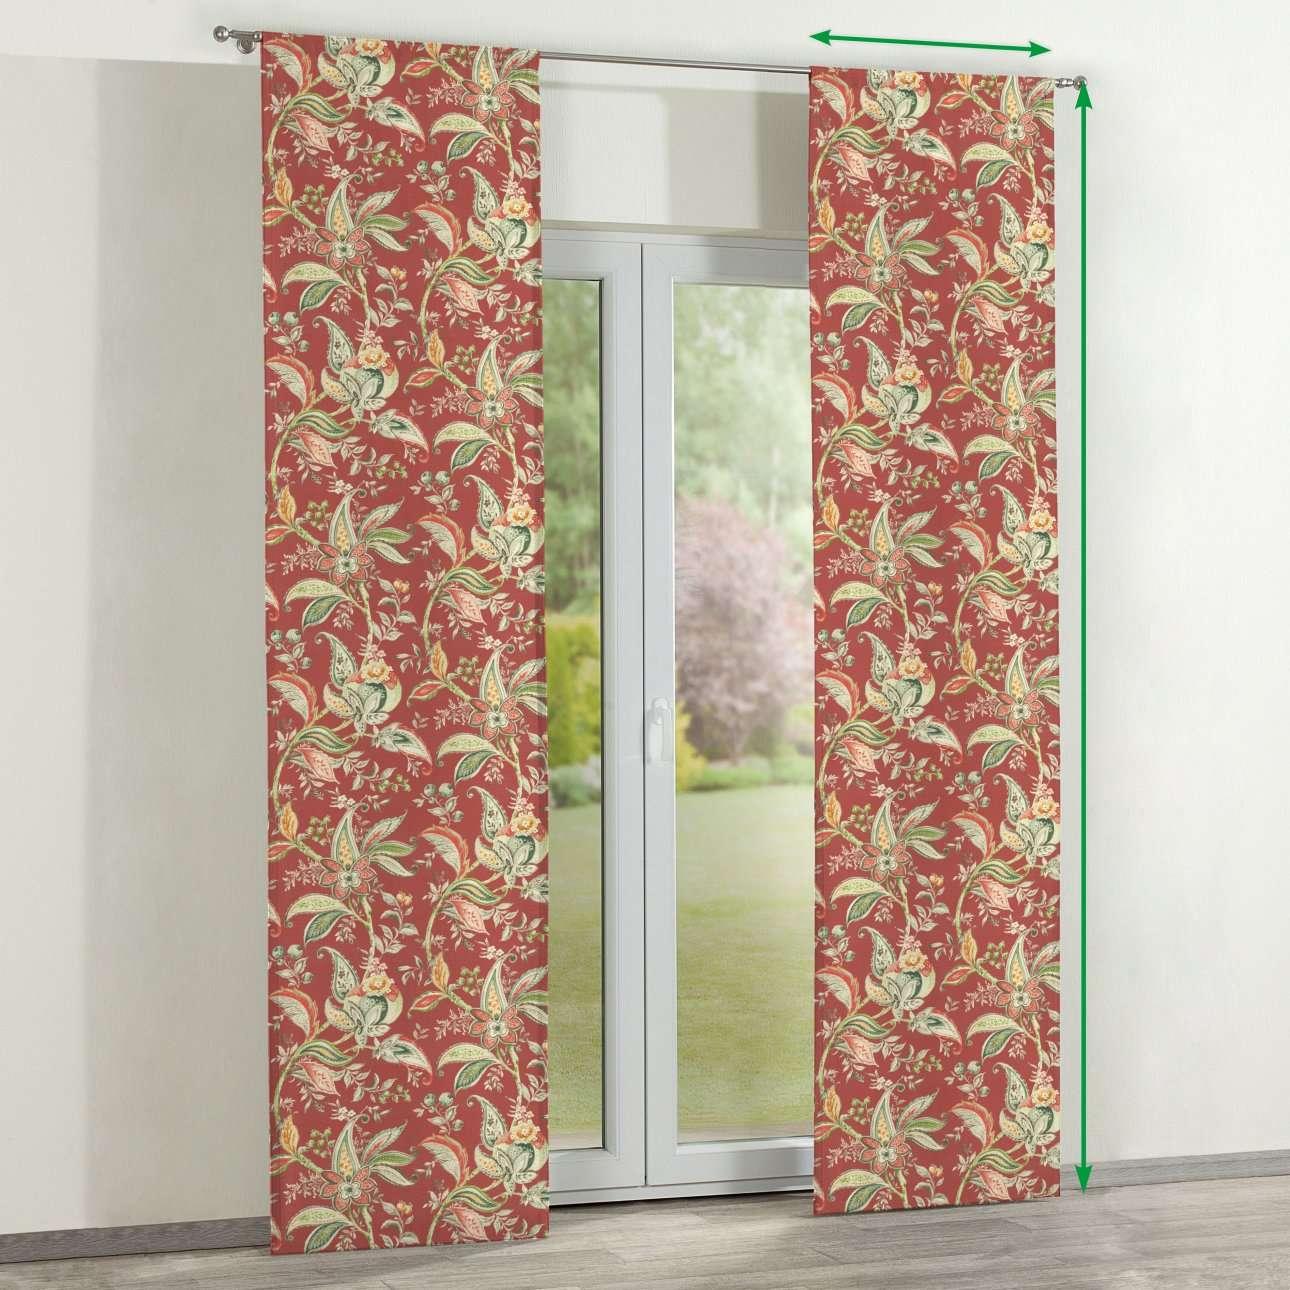 Lapfüggöny 2 darabos a kollekcióból Gardenia Lakástextil, Dekoranyag: 142-12